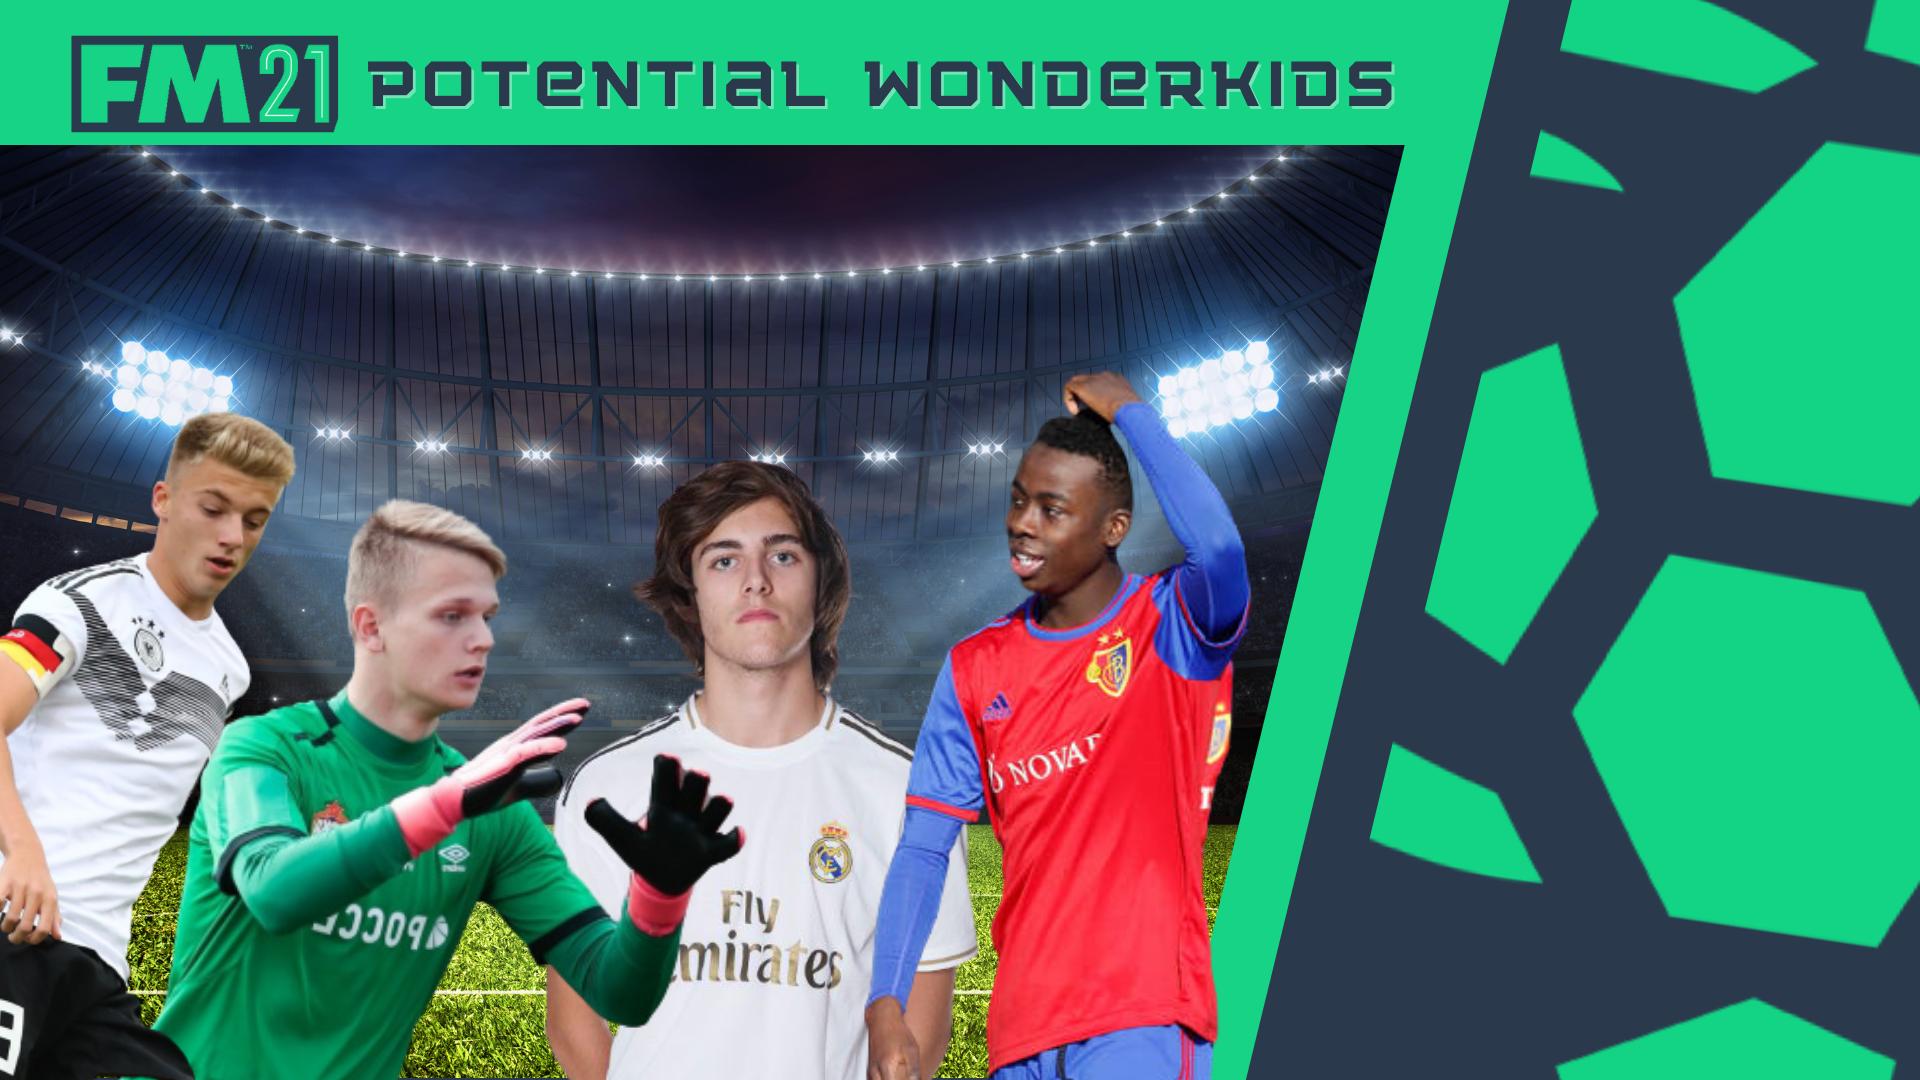 """""""Potential FM21 Wonderkids"""" feature image"""